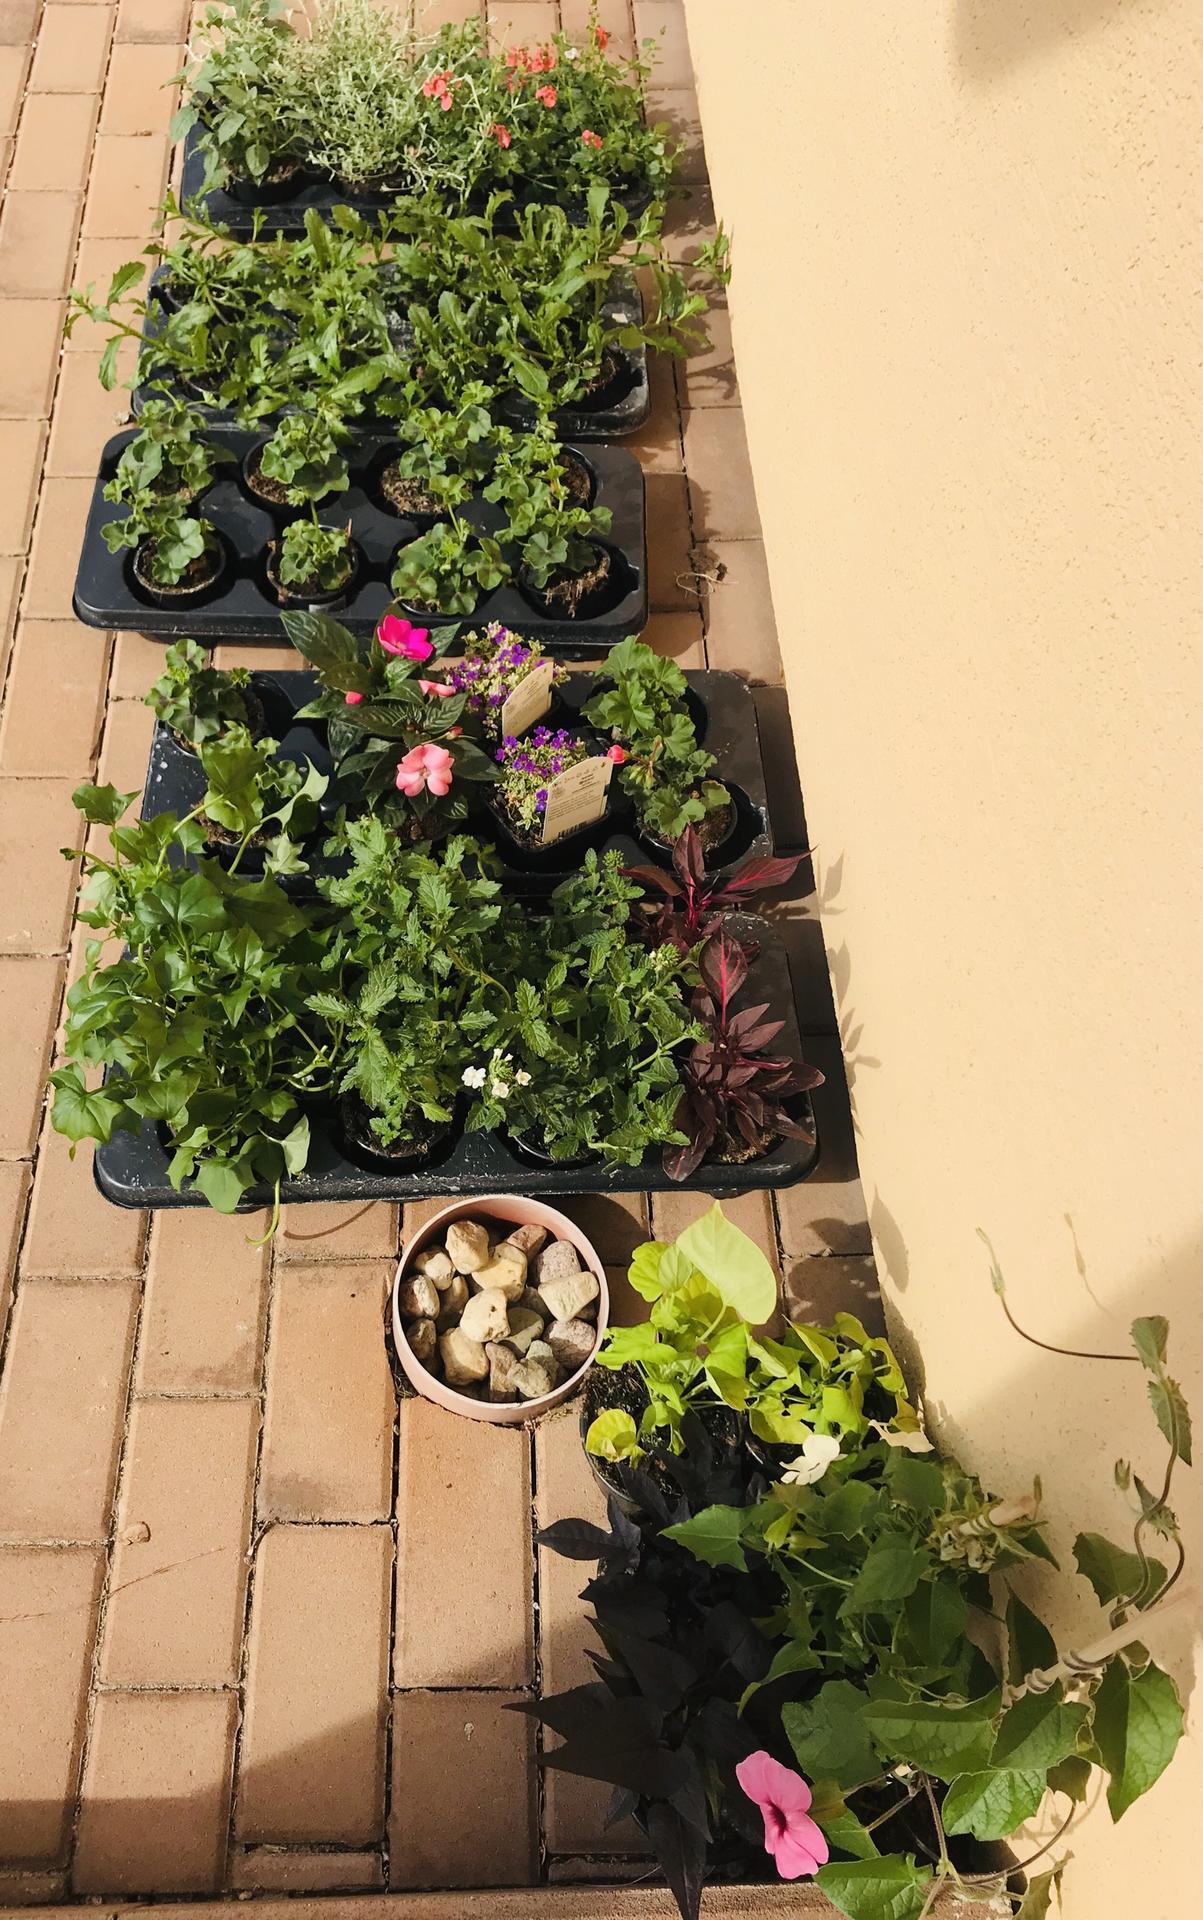 Naše barevná zahrada 🌸 - Letničky 🌸🤗🌸 fuchsie, muškát převislý i vzpřímený, vějířovka, černooká Zuzana, břečťan jako letnička, batáty, verbena, diascie a pak ještě další a další u kterých už název nevím 🙉